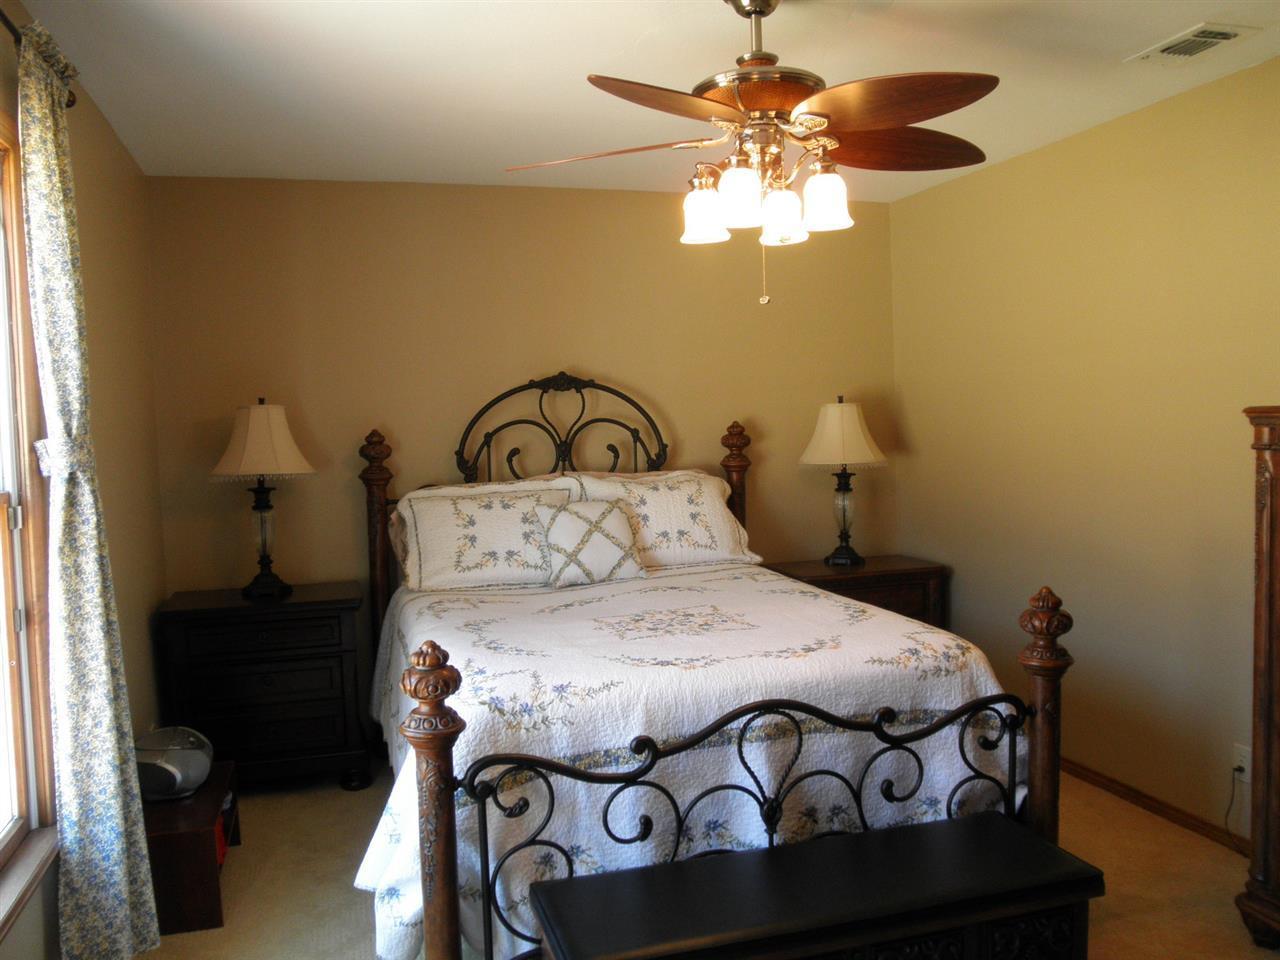 Sold Cross Sale W/ MLS | 15 Sherman Lane Ponca City, OK 74604 17